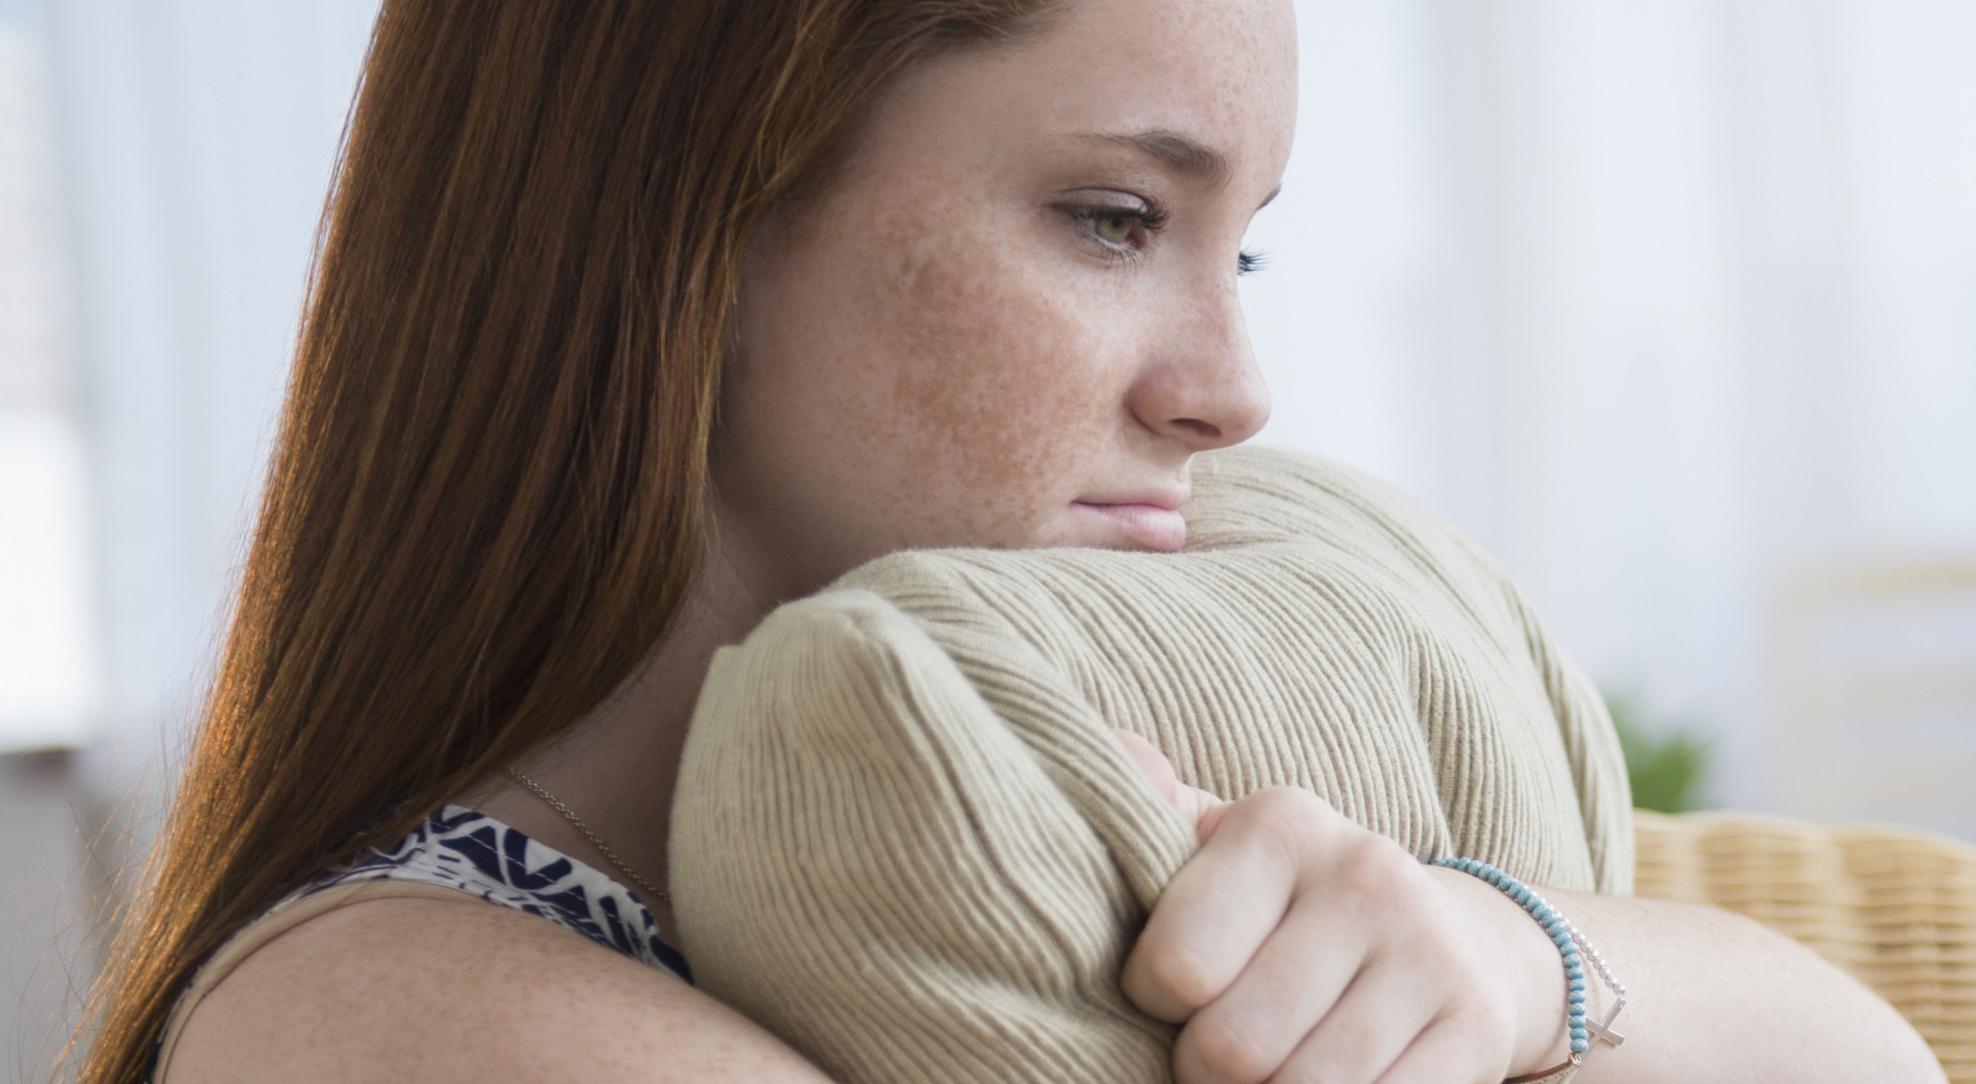 Подростковое акне: как с ним бороться?